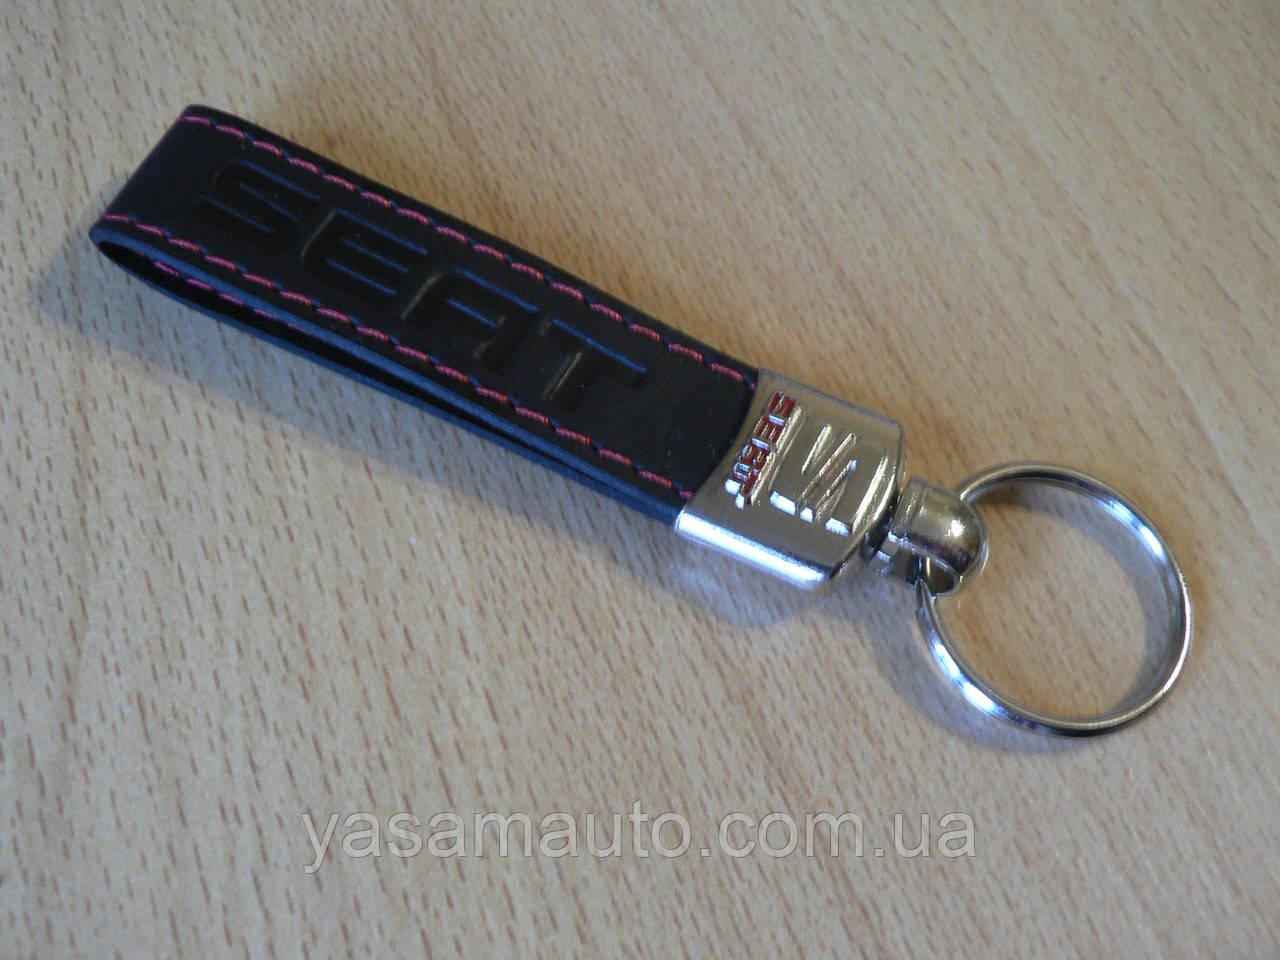 Брелок хлястик Seat 117мм черный логотип красный эмблема Сеат автомобильный на авто ключи коже заменитель